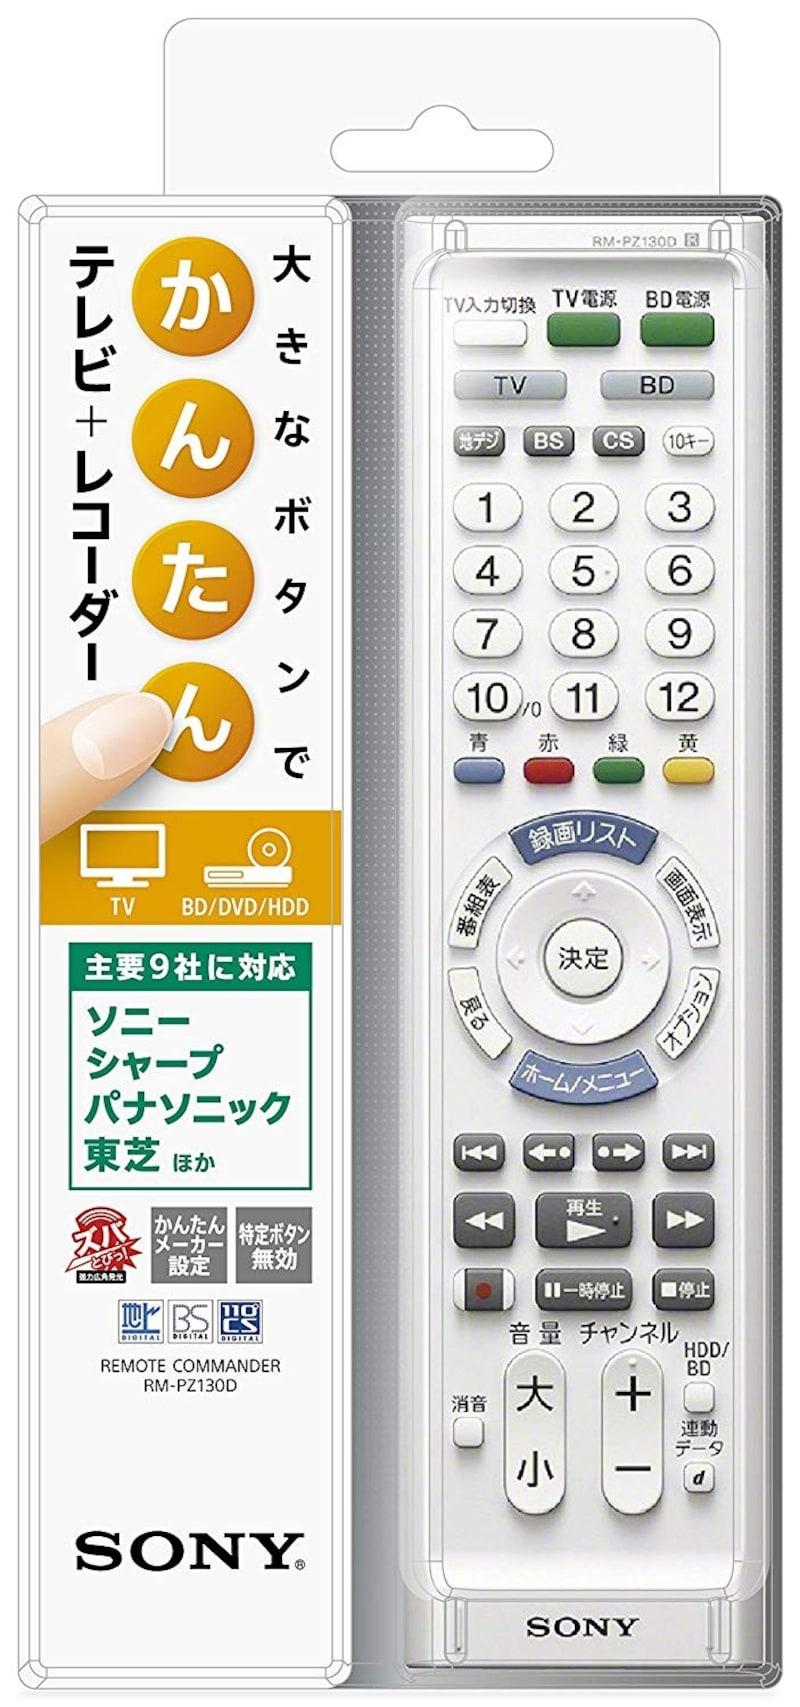 ソニー,マルチリモコン,RM-PZ130D